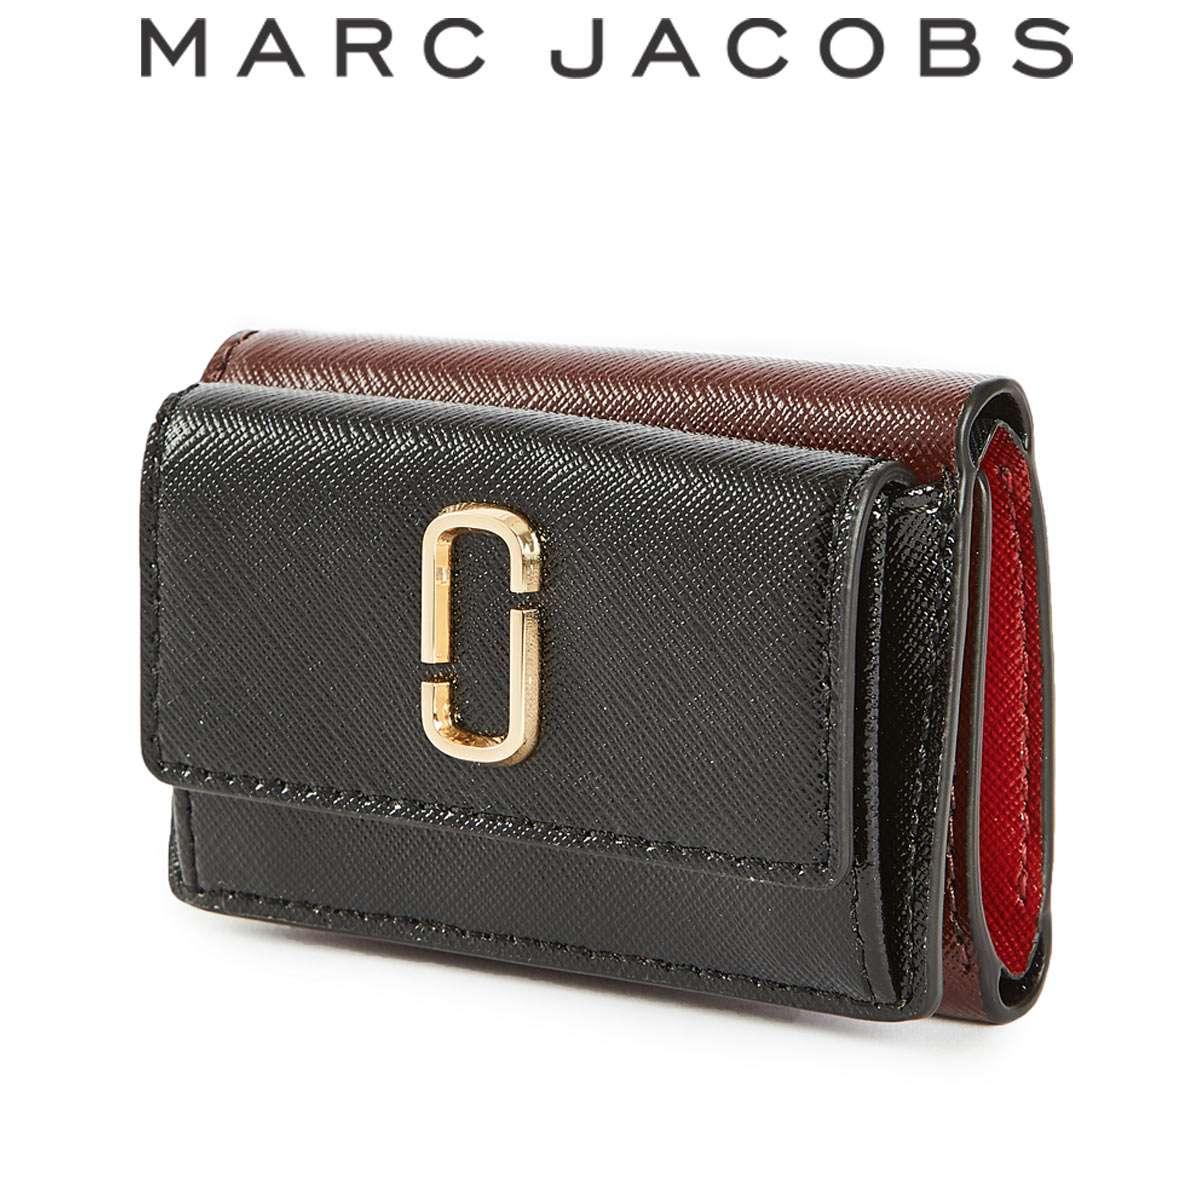 マークジェイコブス 財布 三つ折り レディース ミニ ブランド Jacobs SNAPSHOT 売り出し 新品 送料無料 Marc スナップショット アウトレット